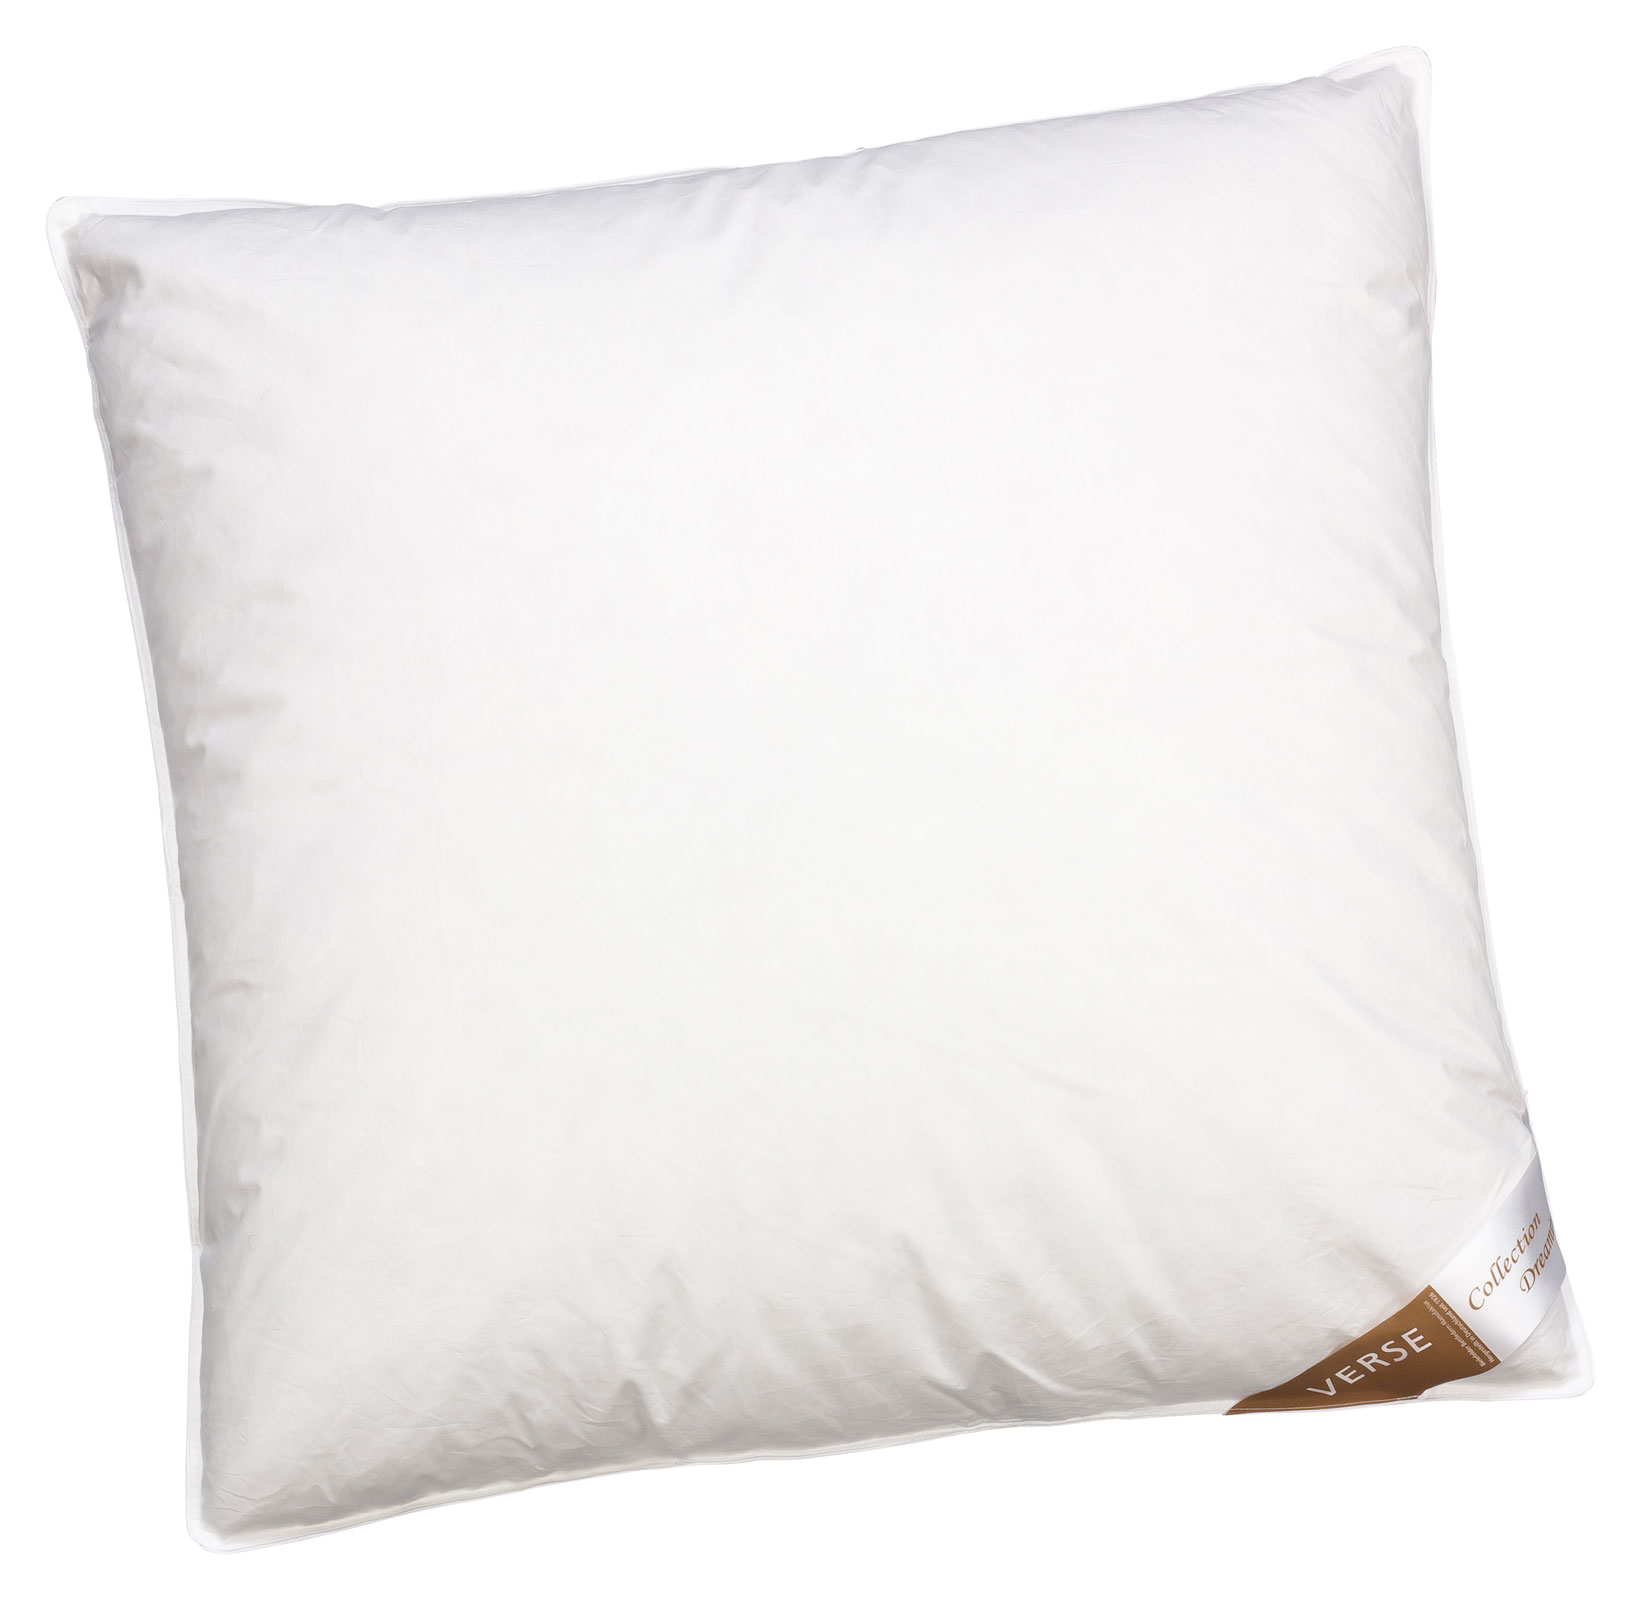 Bettdecken und Kopfkissen - Kopfkissen Daunen Kissen 80x80 weich 1100g 70 Federn 30 Daunen Verse Collection Dreaming  - Onlineshop PremiumShop321